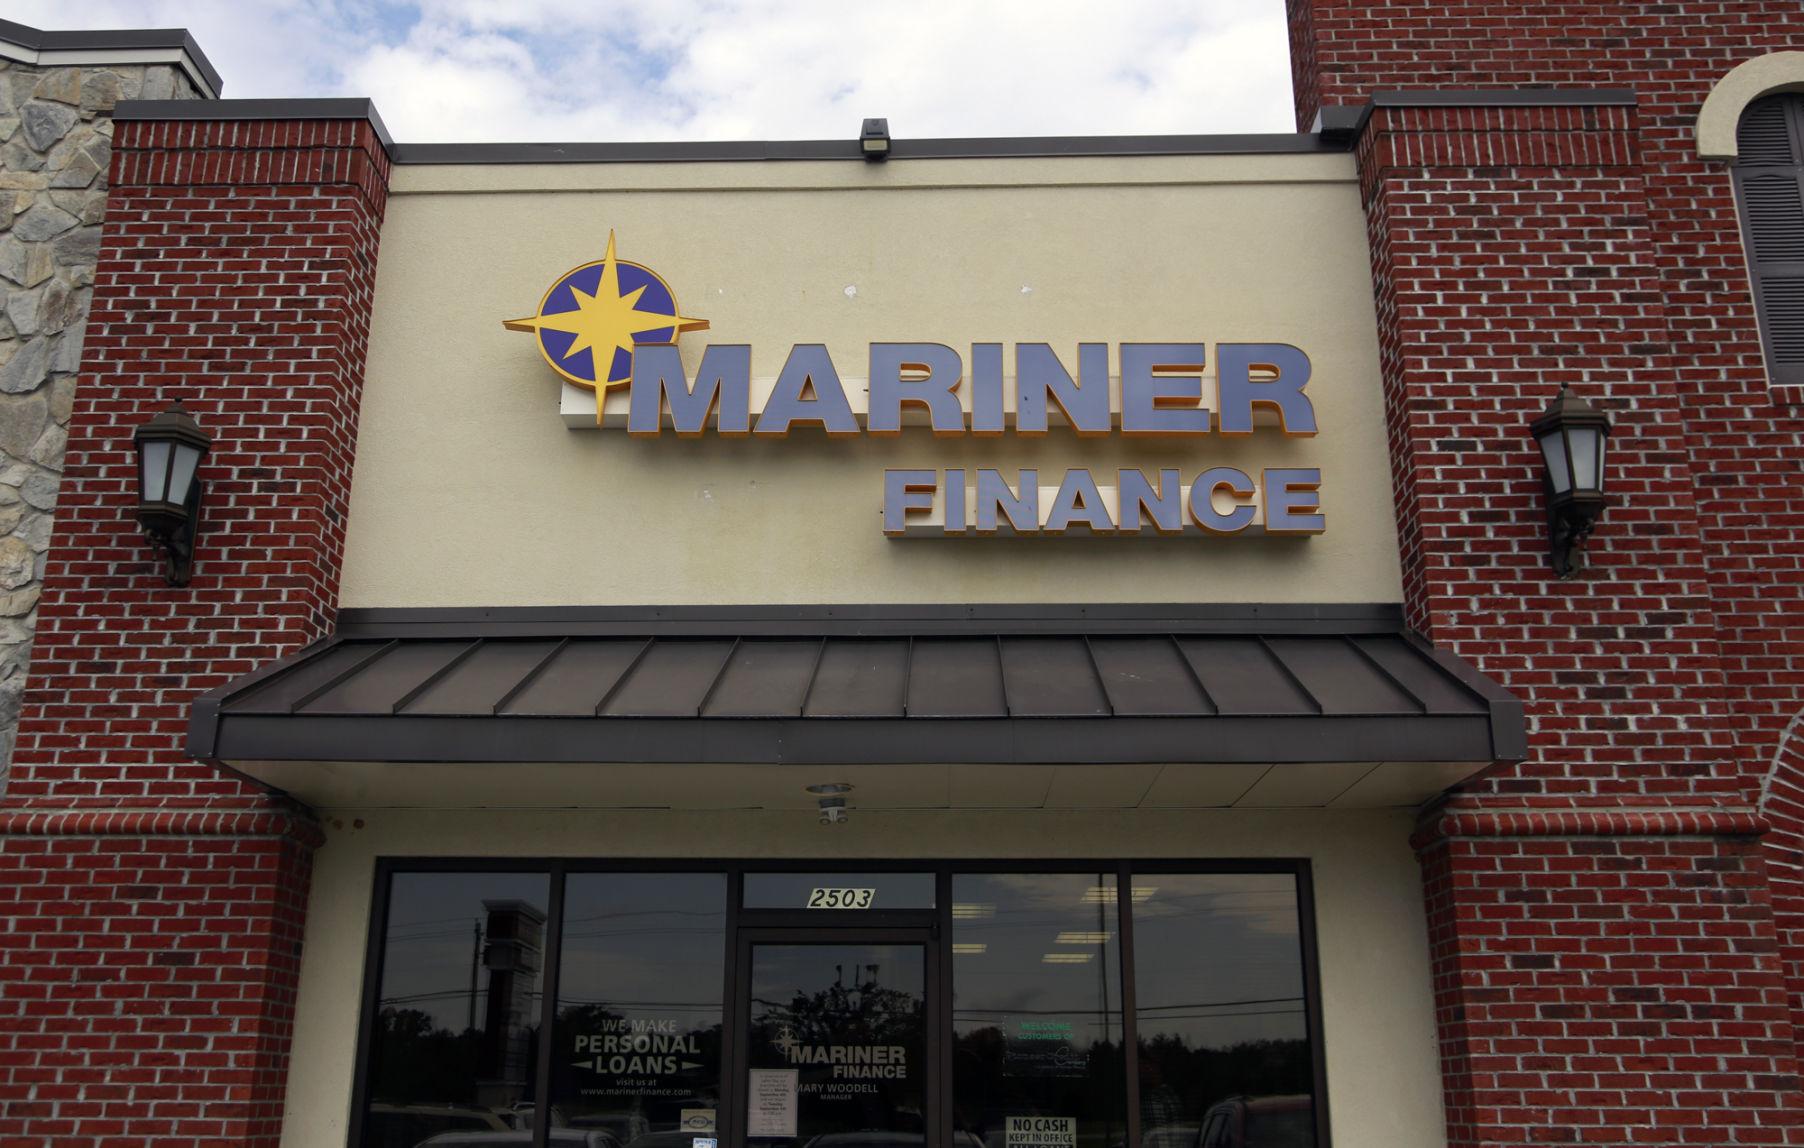 Mariner Finance Chamber welcomes Mariner Finance to